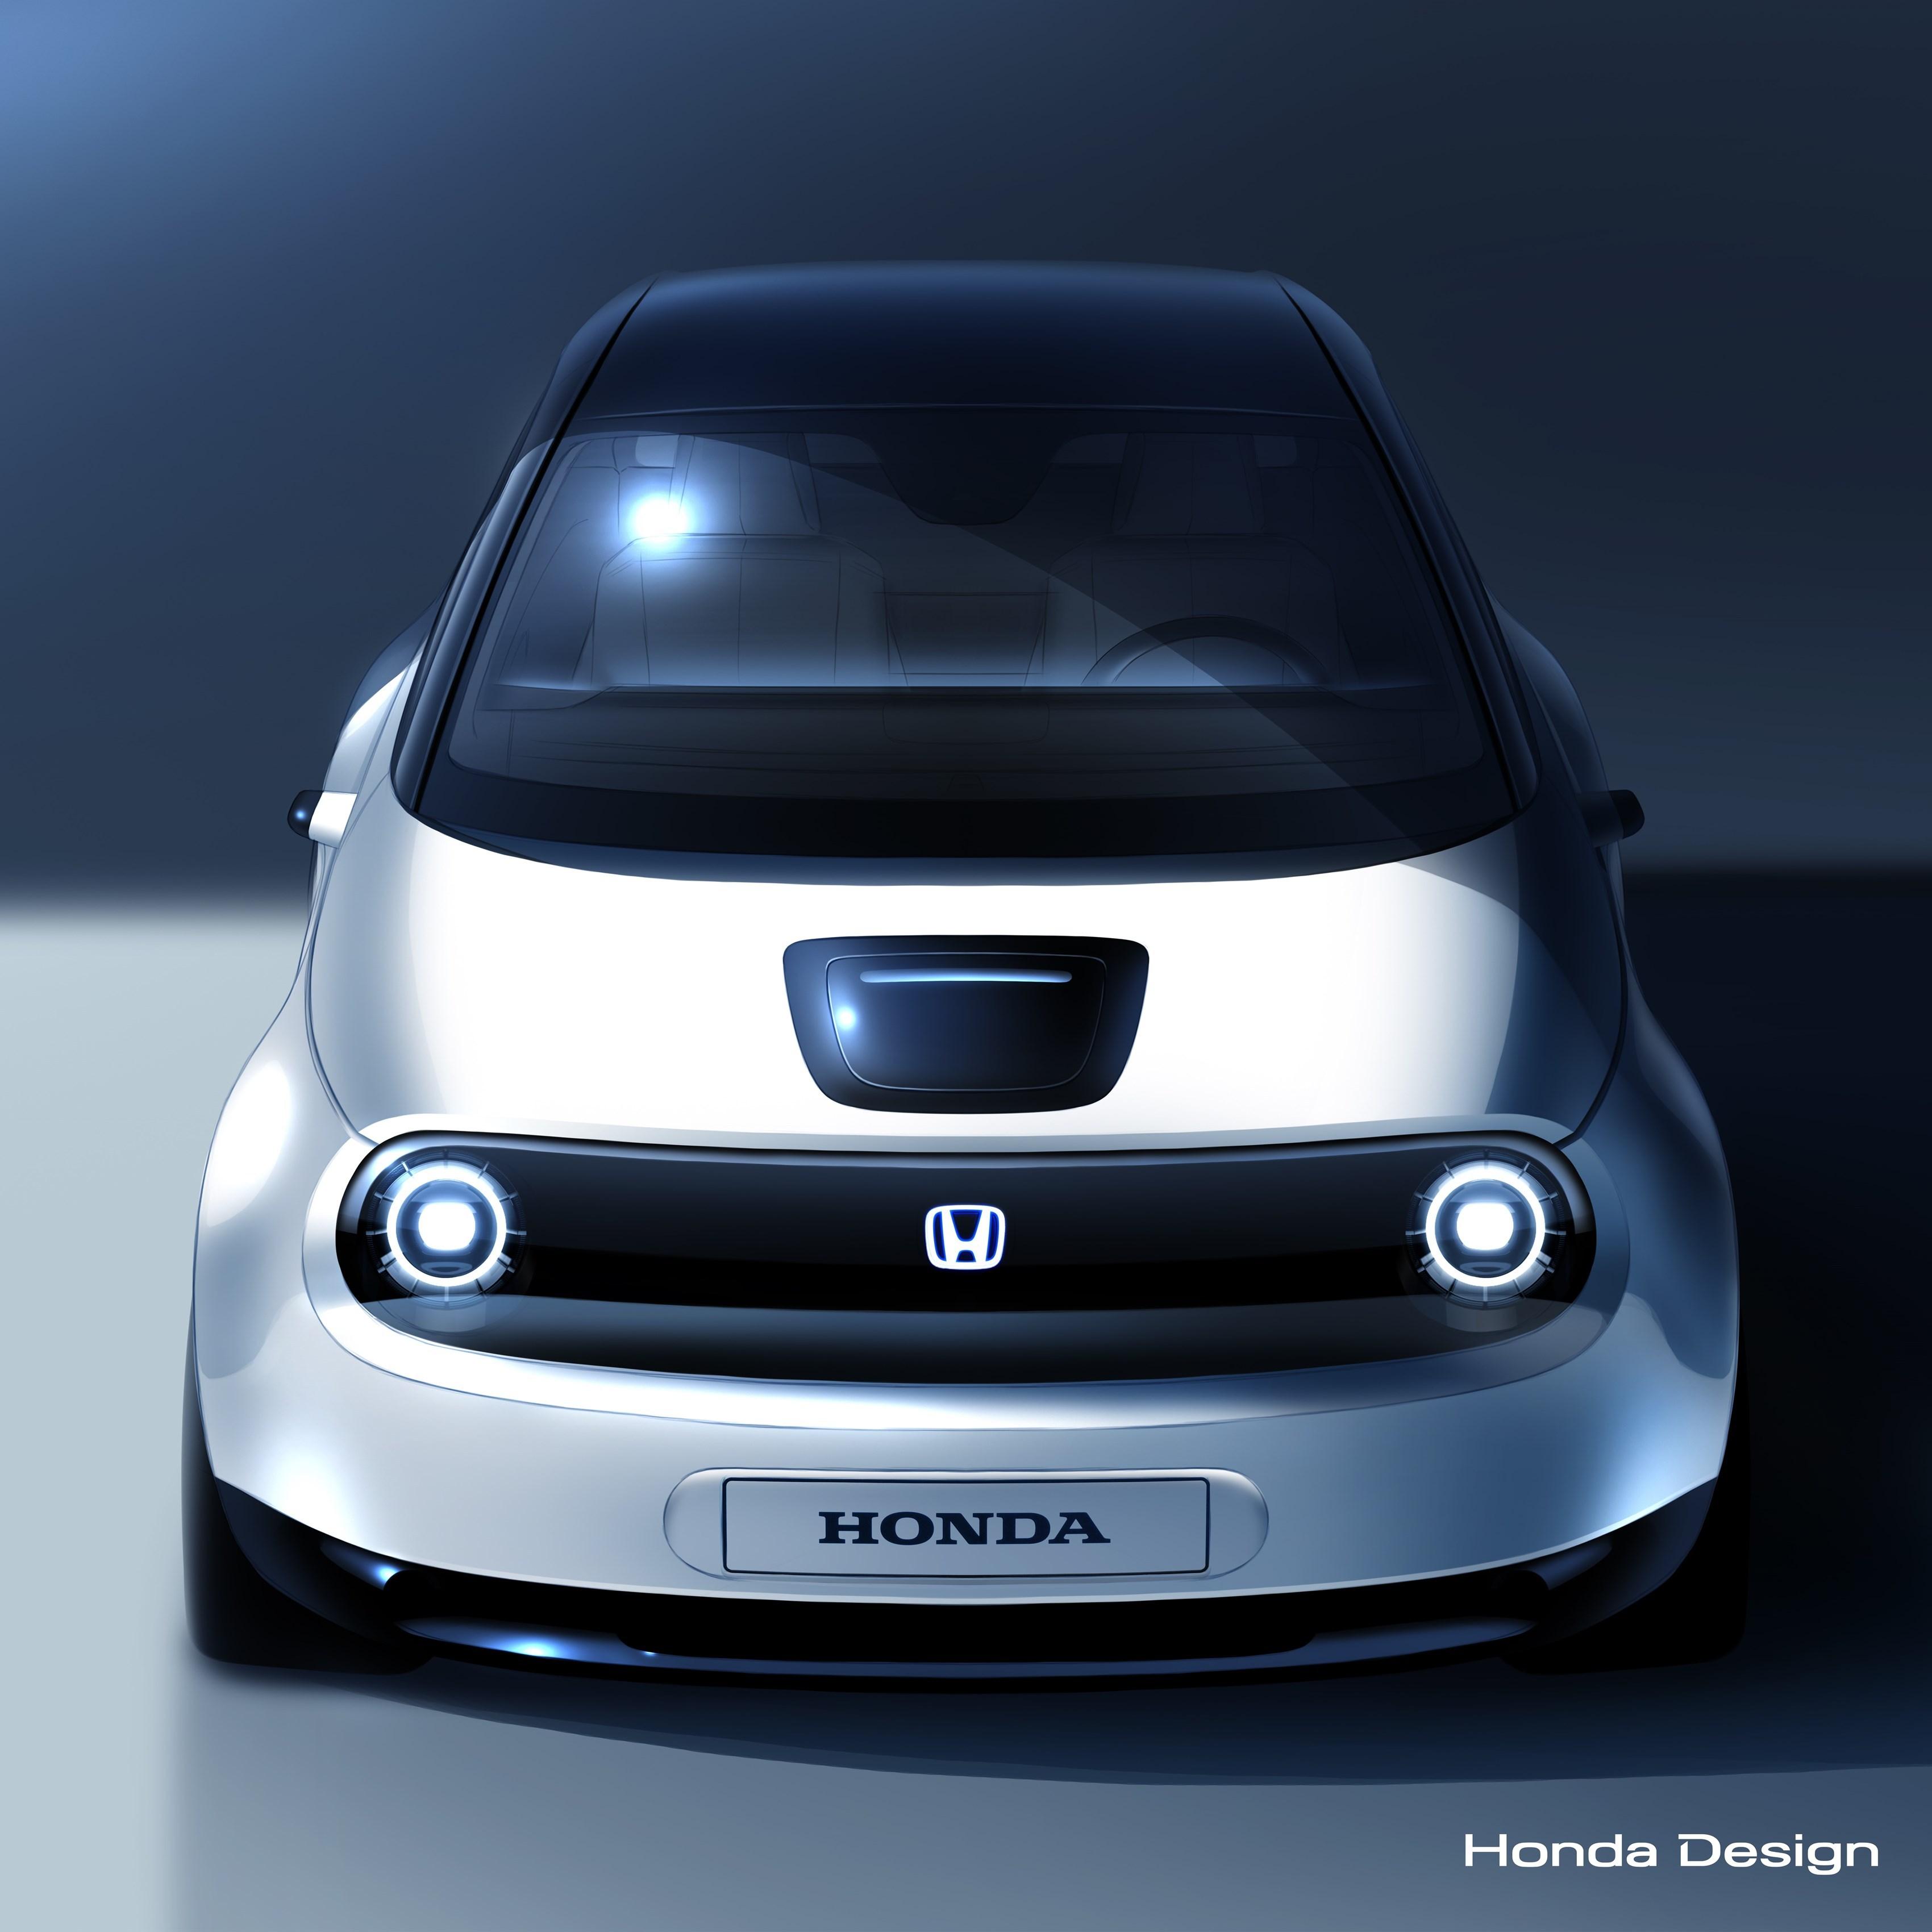 Παγκόσμια πρεμιέρα του ηλεκτρικού πρωτότυπου τηςHonda στην Έκθεση Αυτοκινήτου της Γενεύης